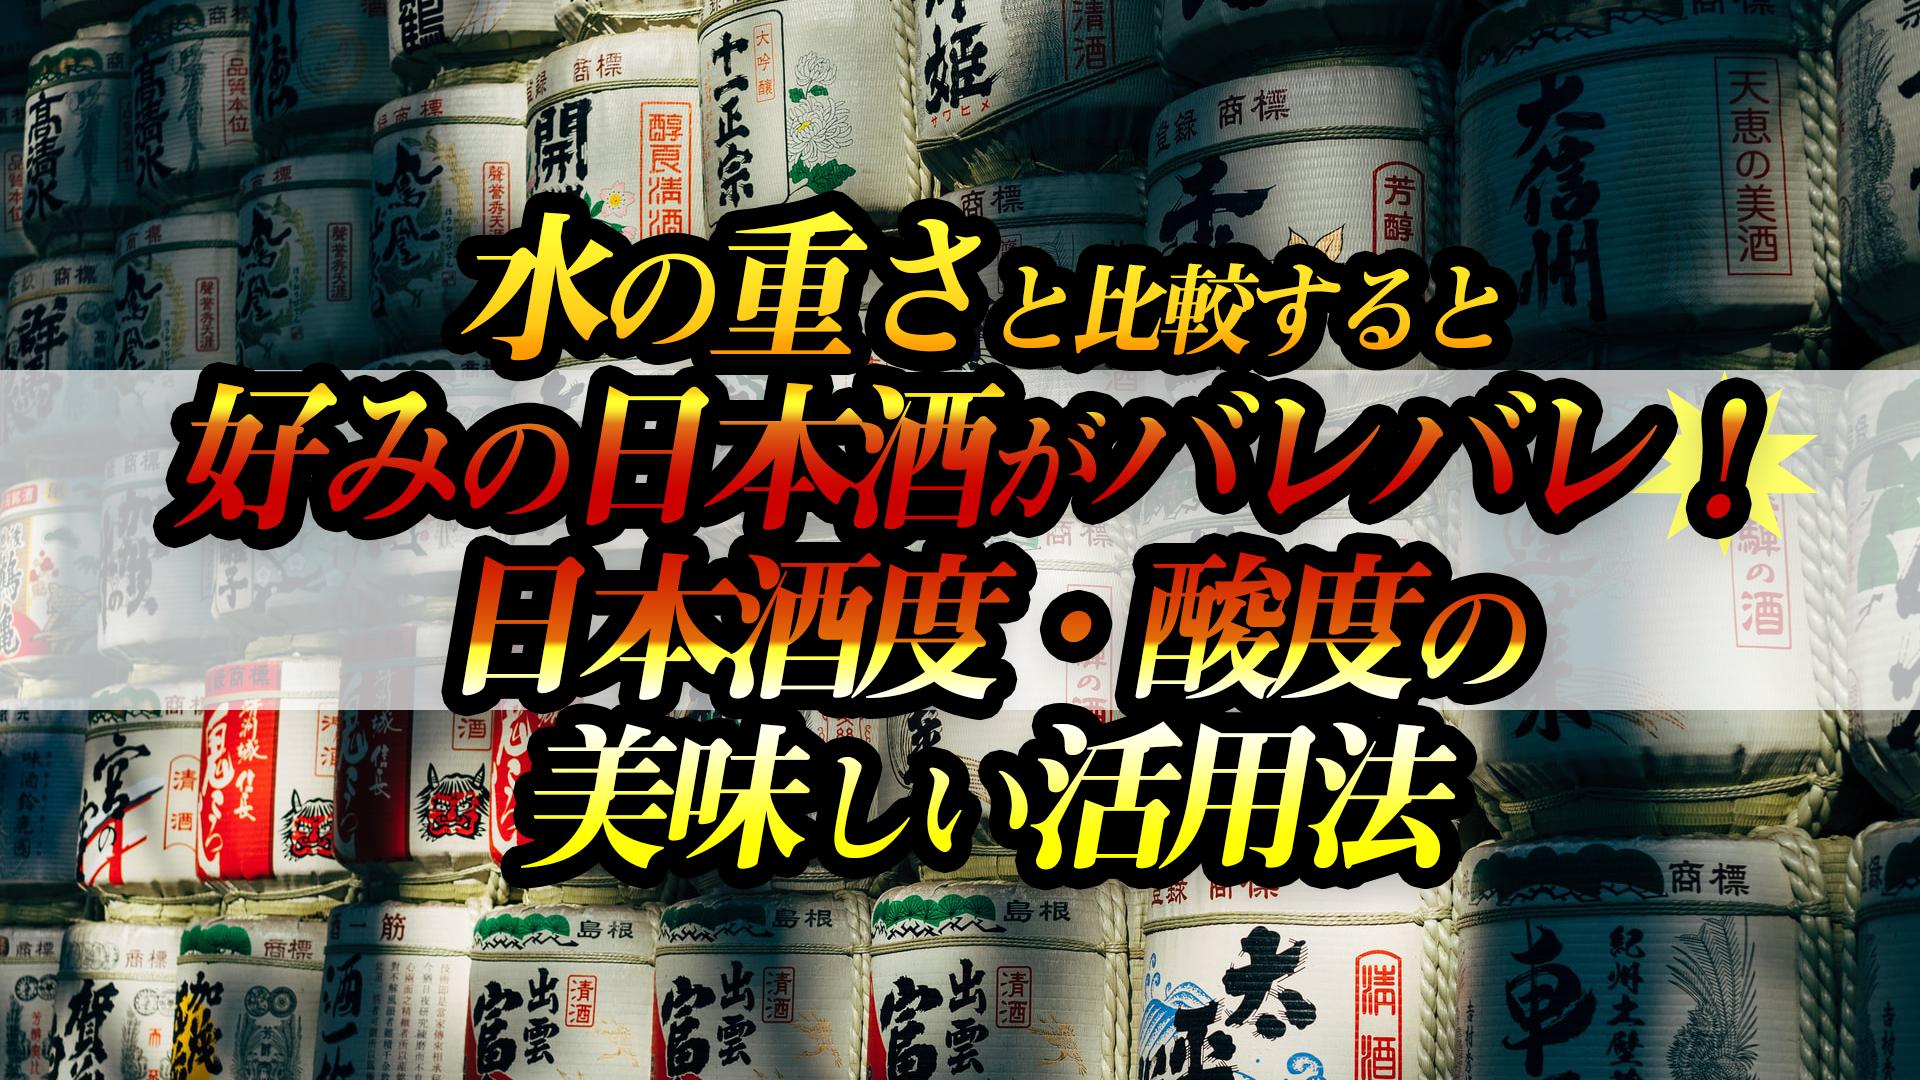 水の重さと比較すると好みの日本酒がバレバレ!日本酒度・酸度の美味しい活用法